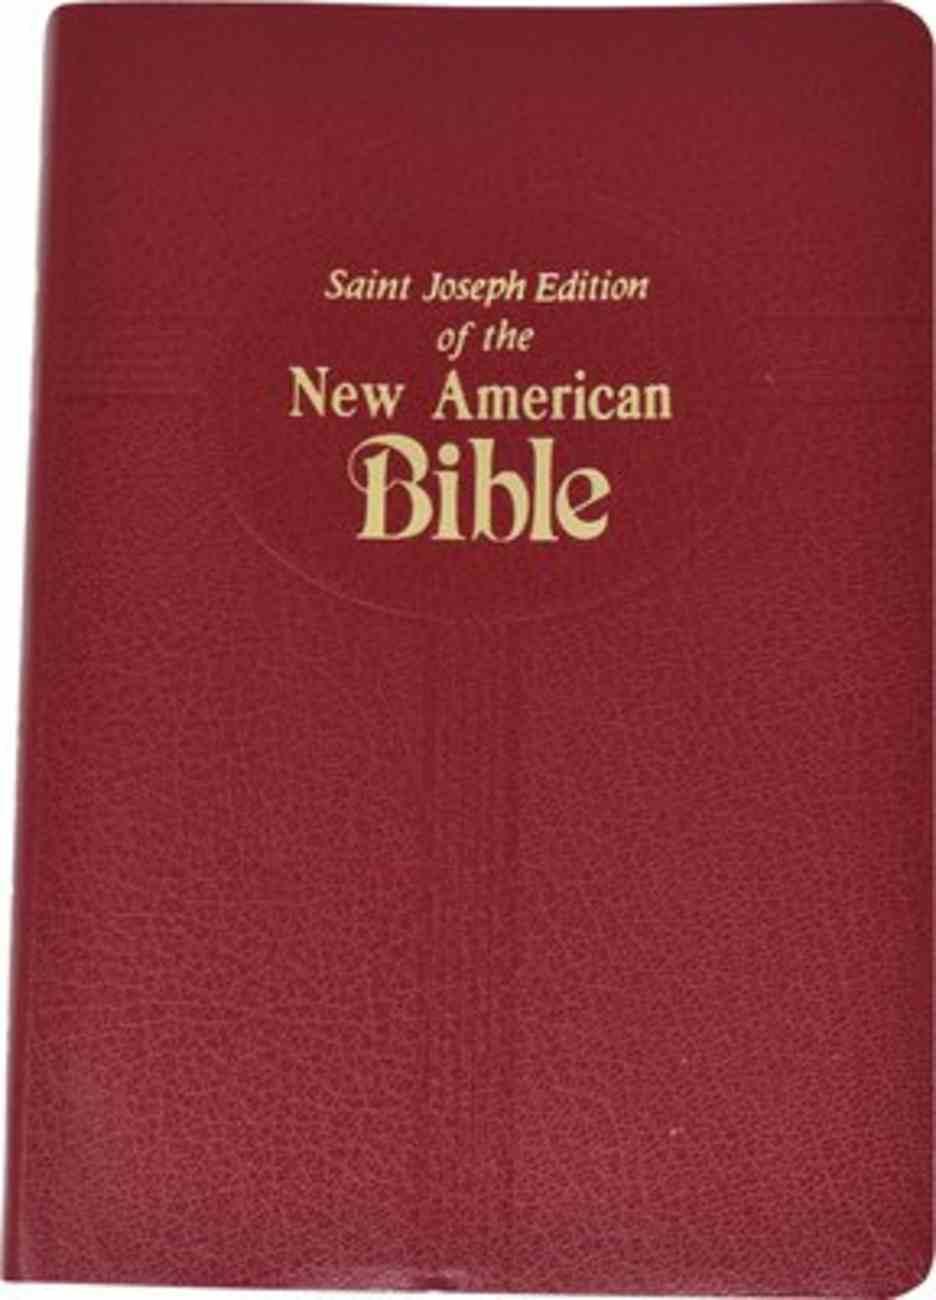 Nab Saint Joseph Medium Size Bible Red Imitation Leather